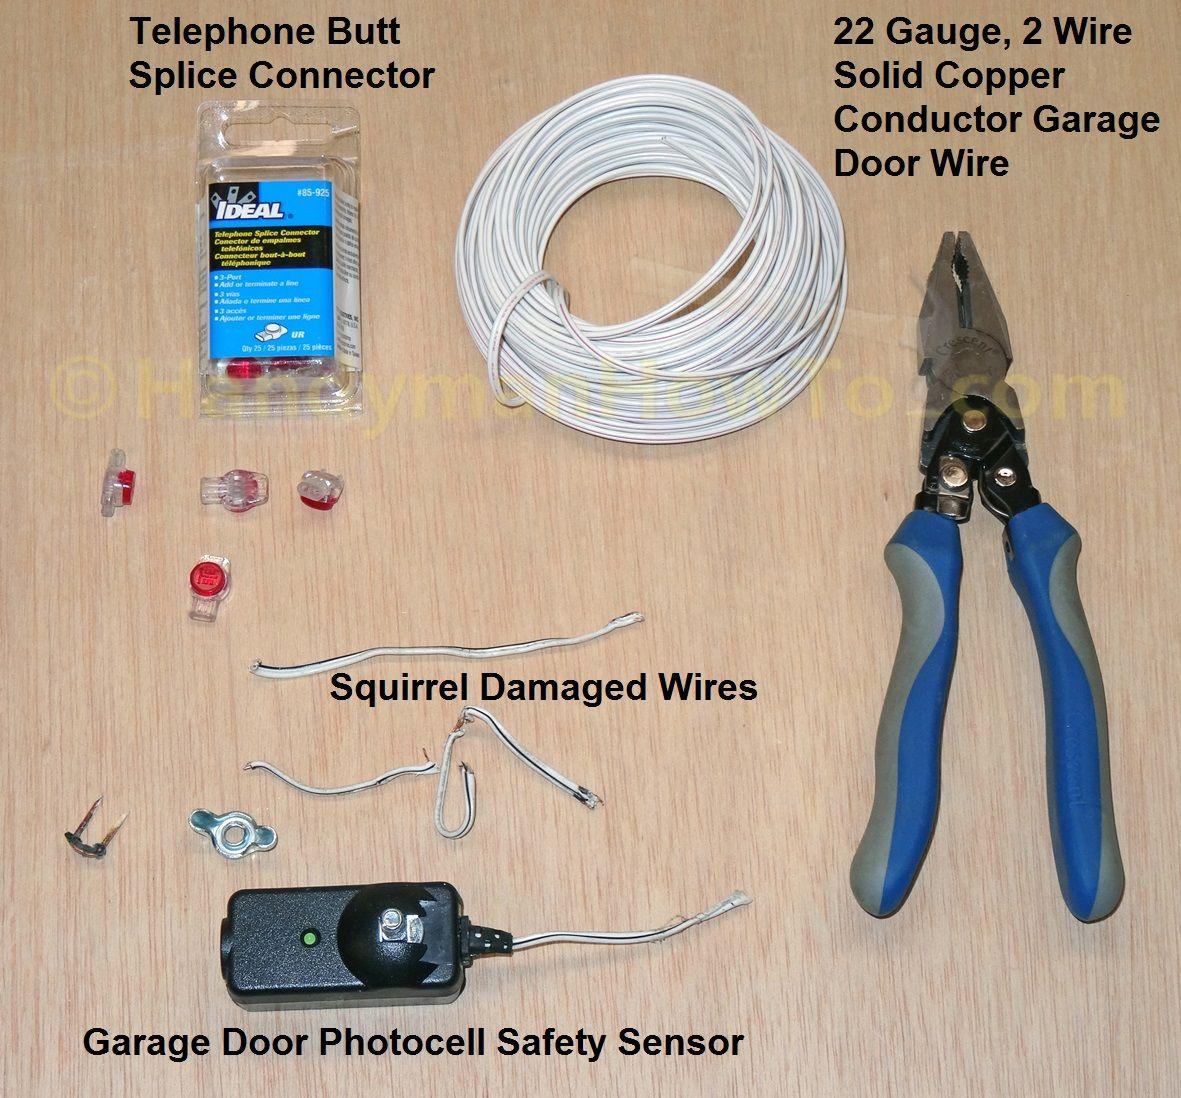 hight resolution of garage door safety sensor wire repair butt splice connectors mix garage door wiring 3 wire